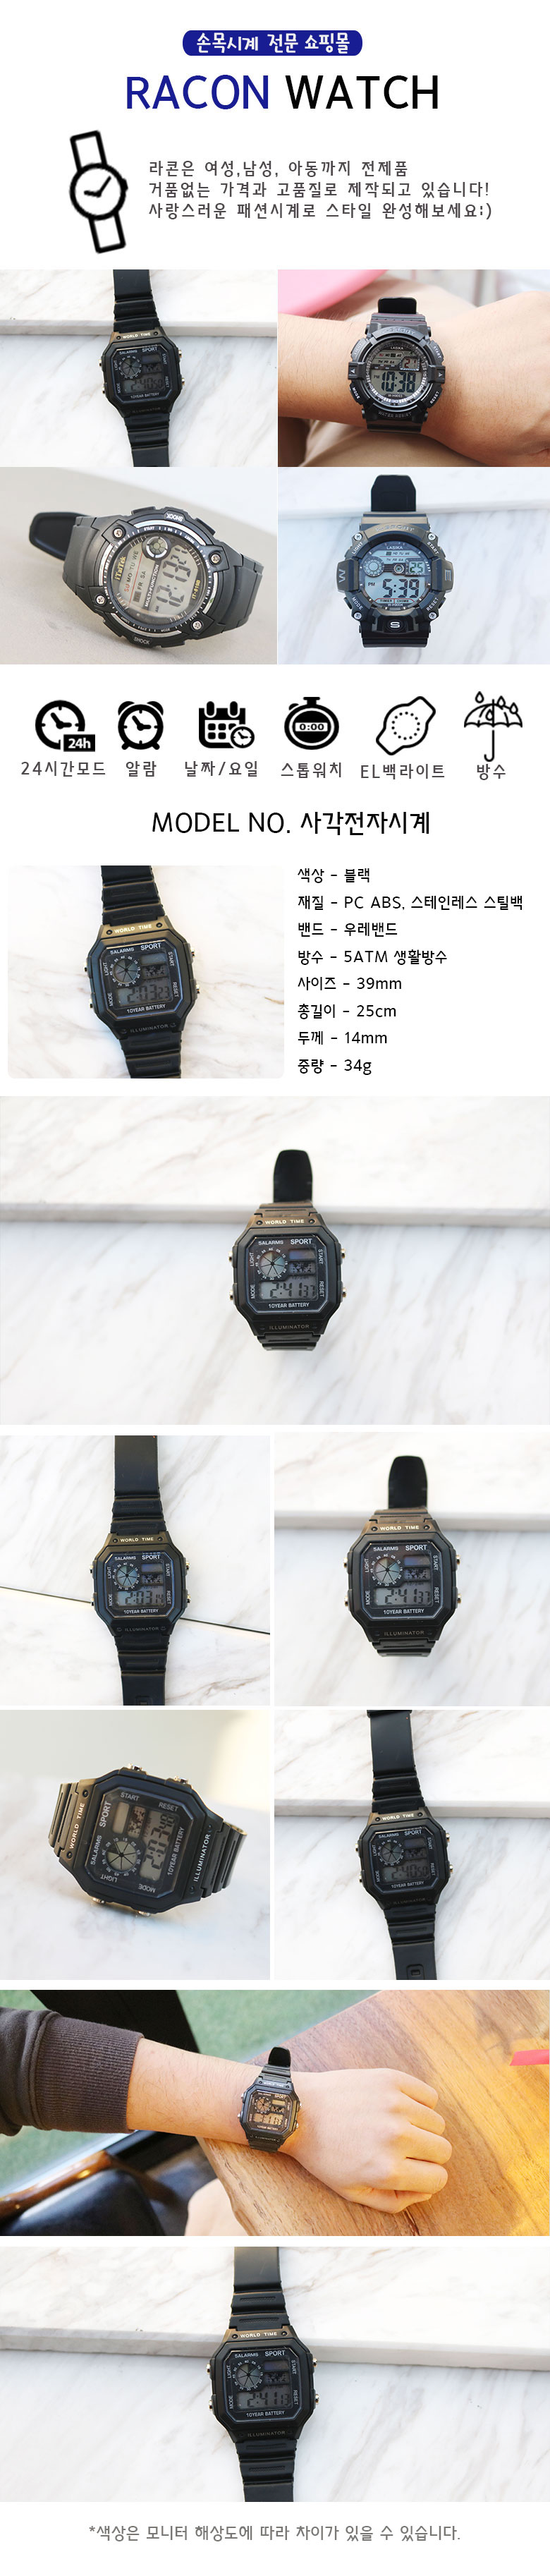 사각전자 군인 전자시계 - 라콘, 8,900원, 남성시계, 전자시계